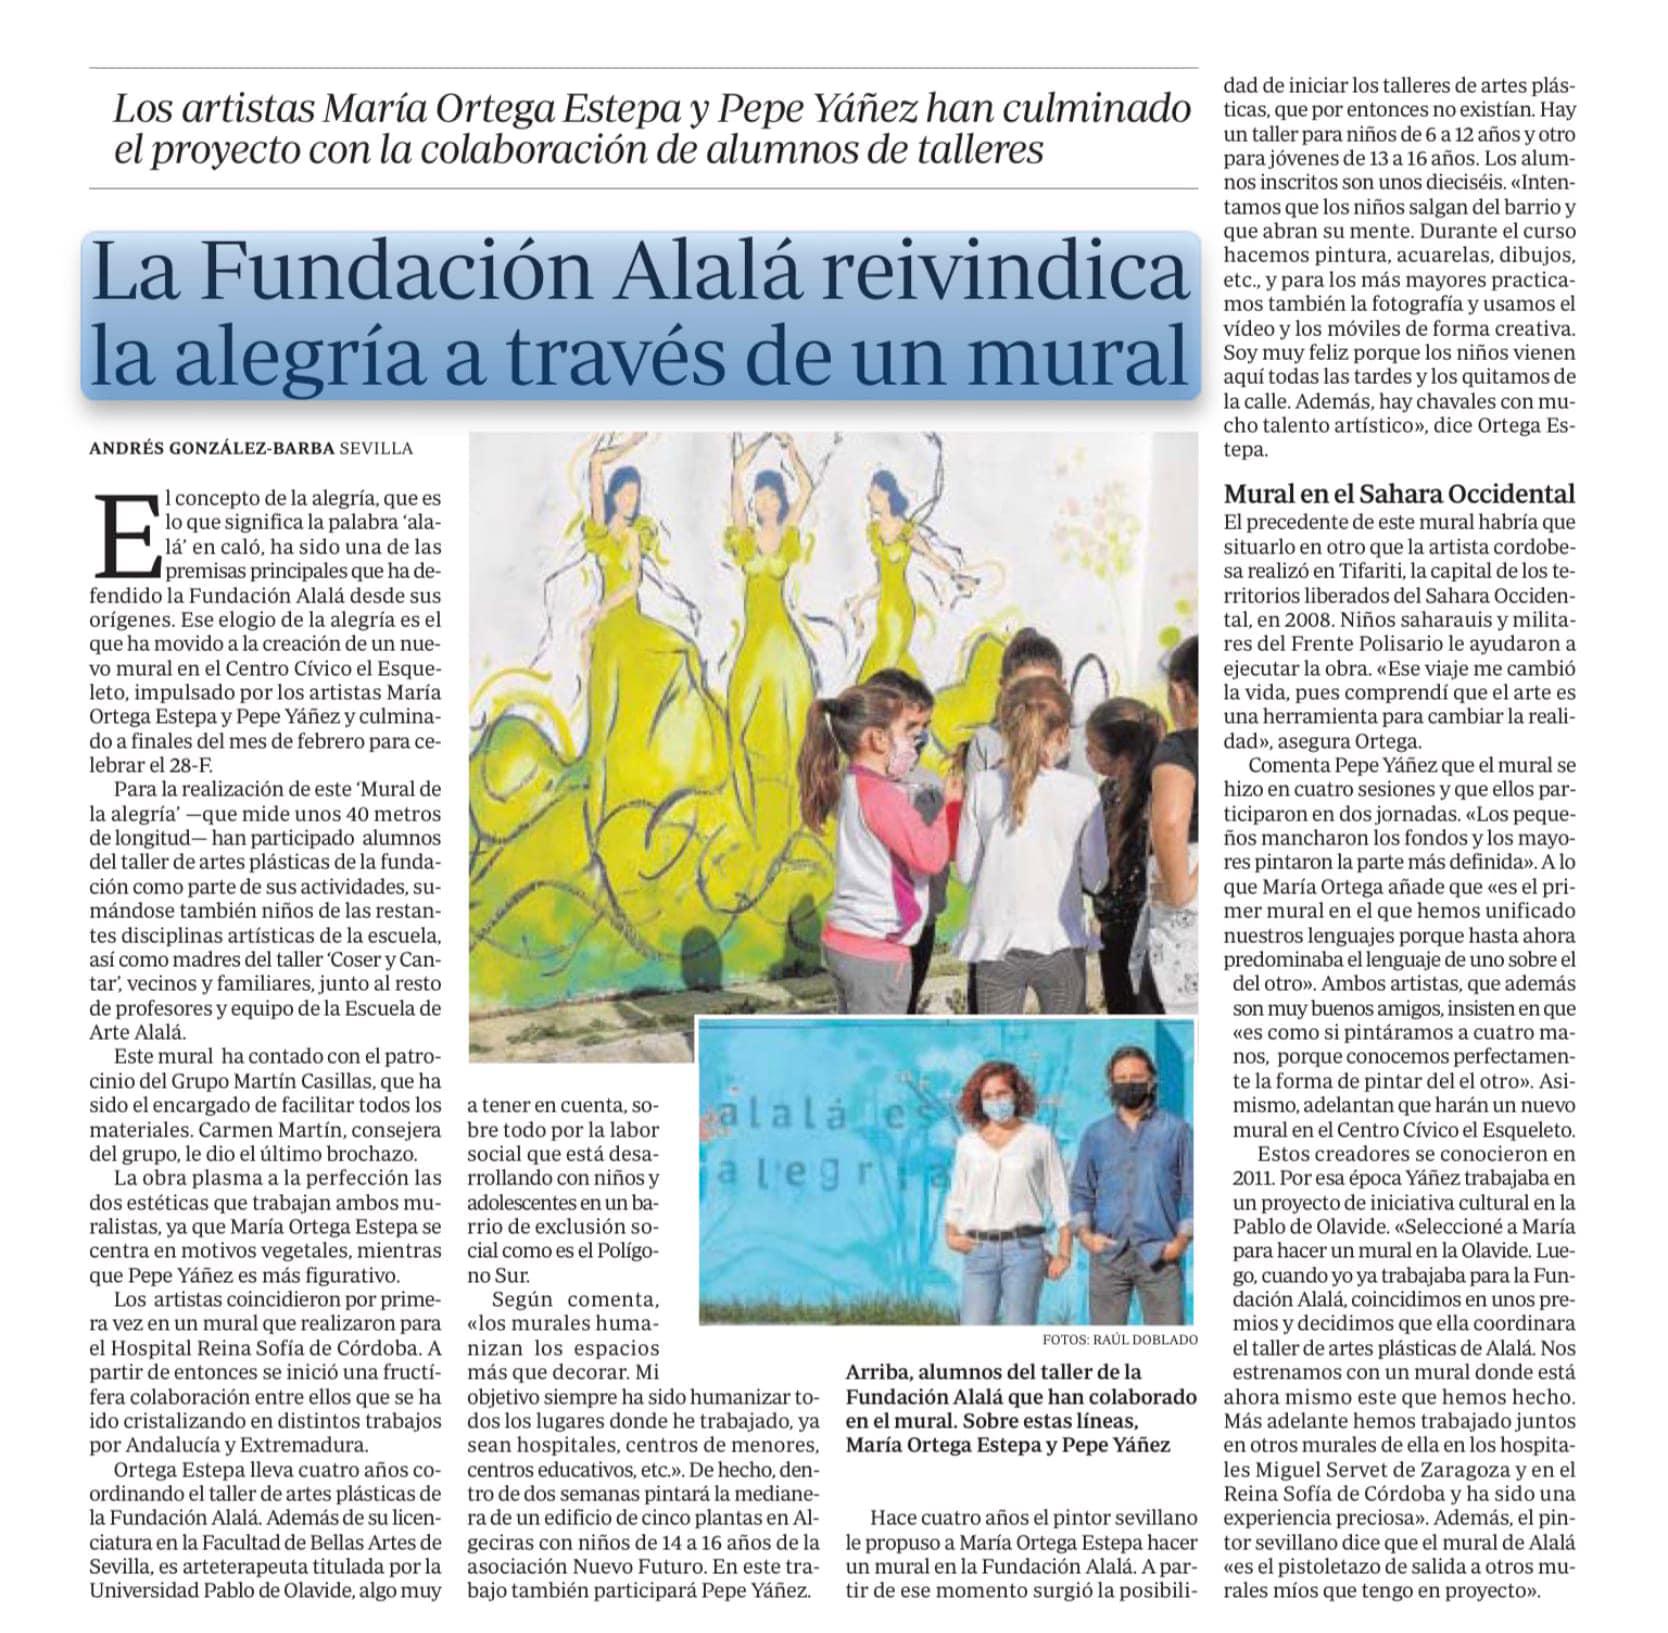 Mural Taller Fundación Alalá - Centro cívico El Esqueleto